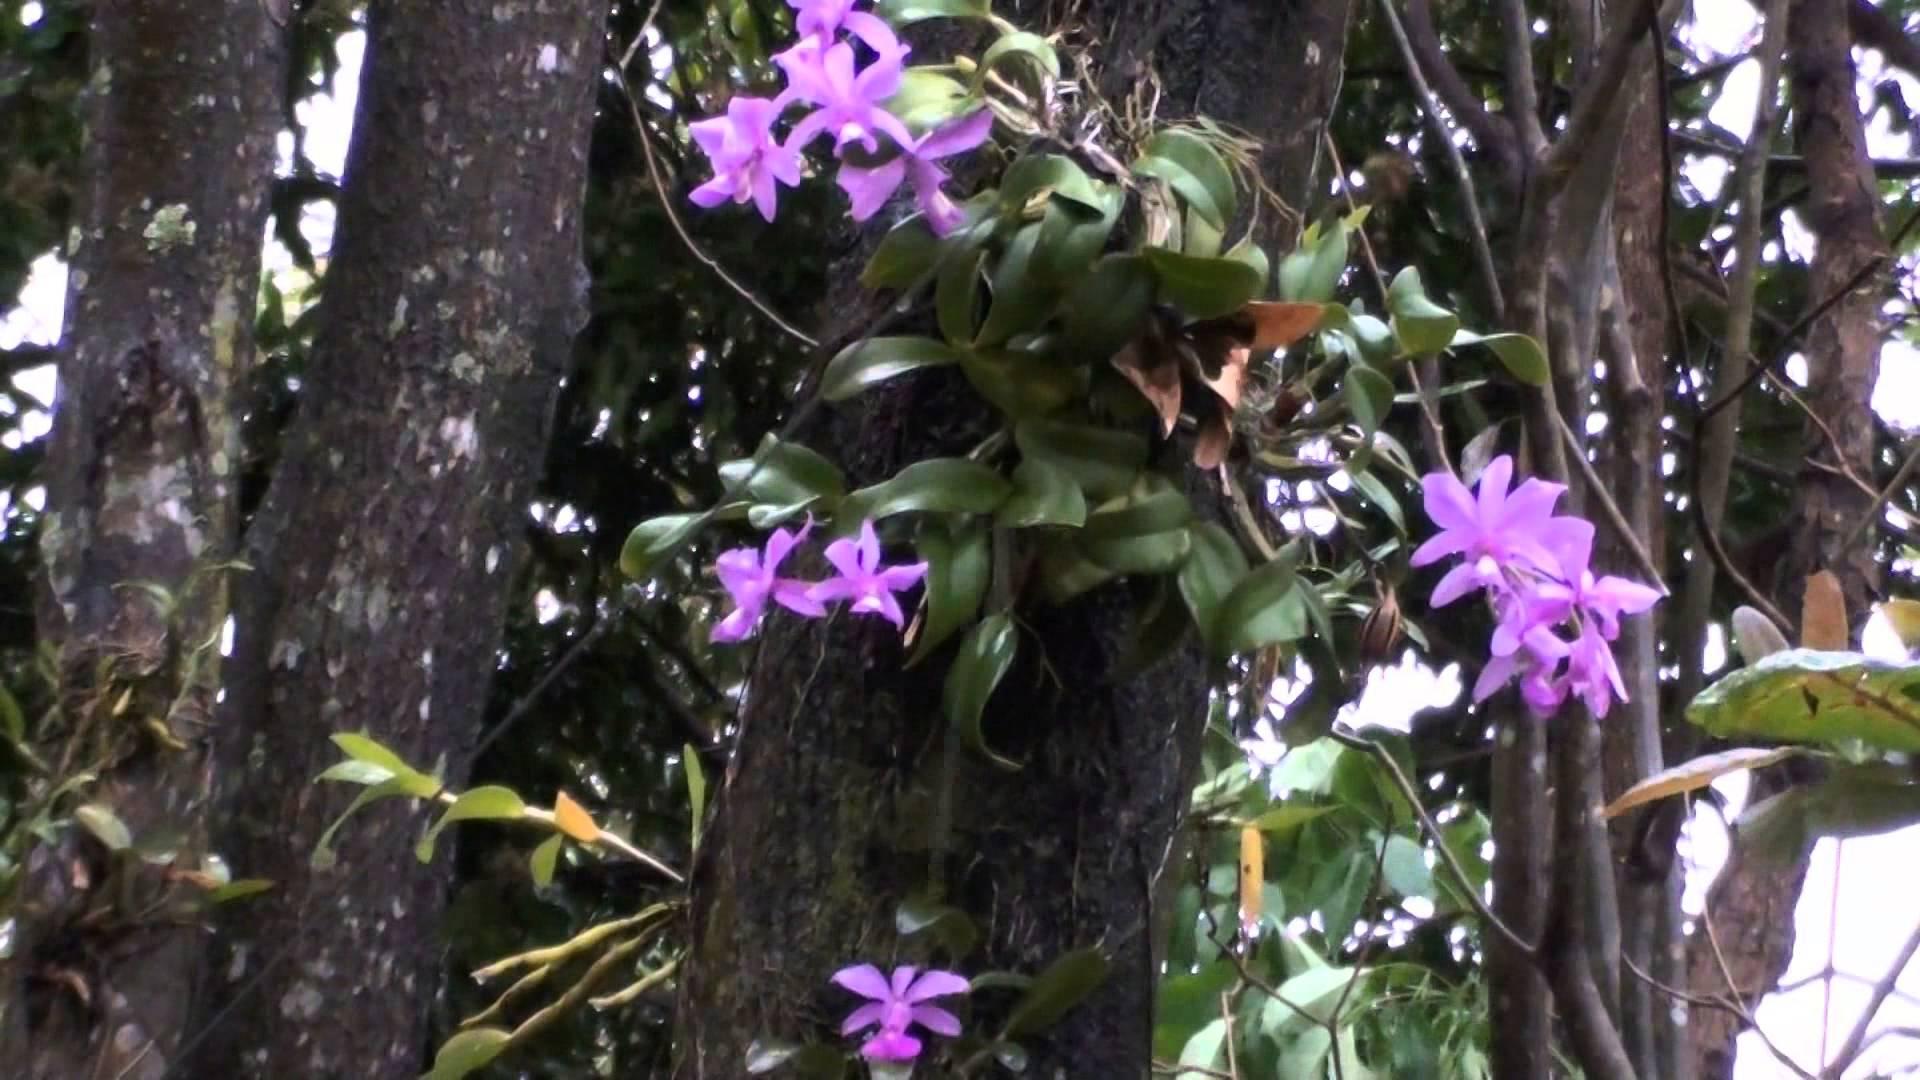 Calttleya walqueriana